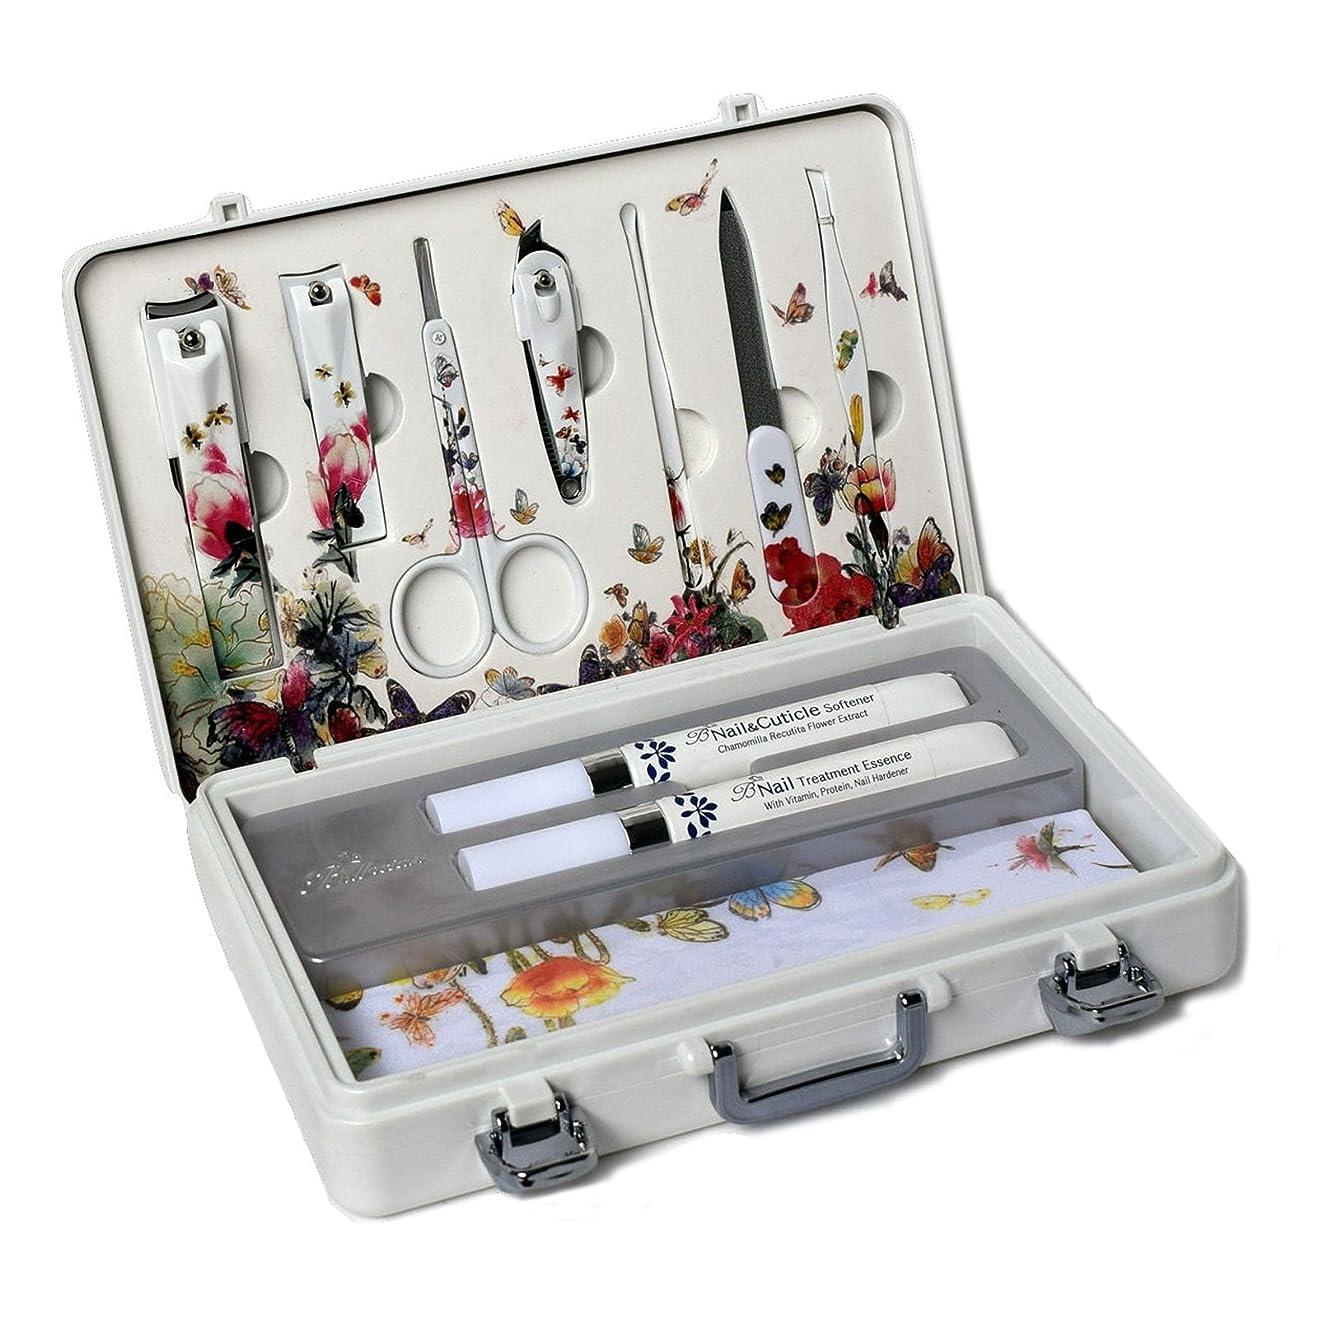 一回アサーひいきにするMETAL BELL Manicure Sets BN-2000 爪の管理セット爪切りセット 高品質のネイルケアセット高級感のある東洋画のデザイン Nail Clippers Nail Care Set